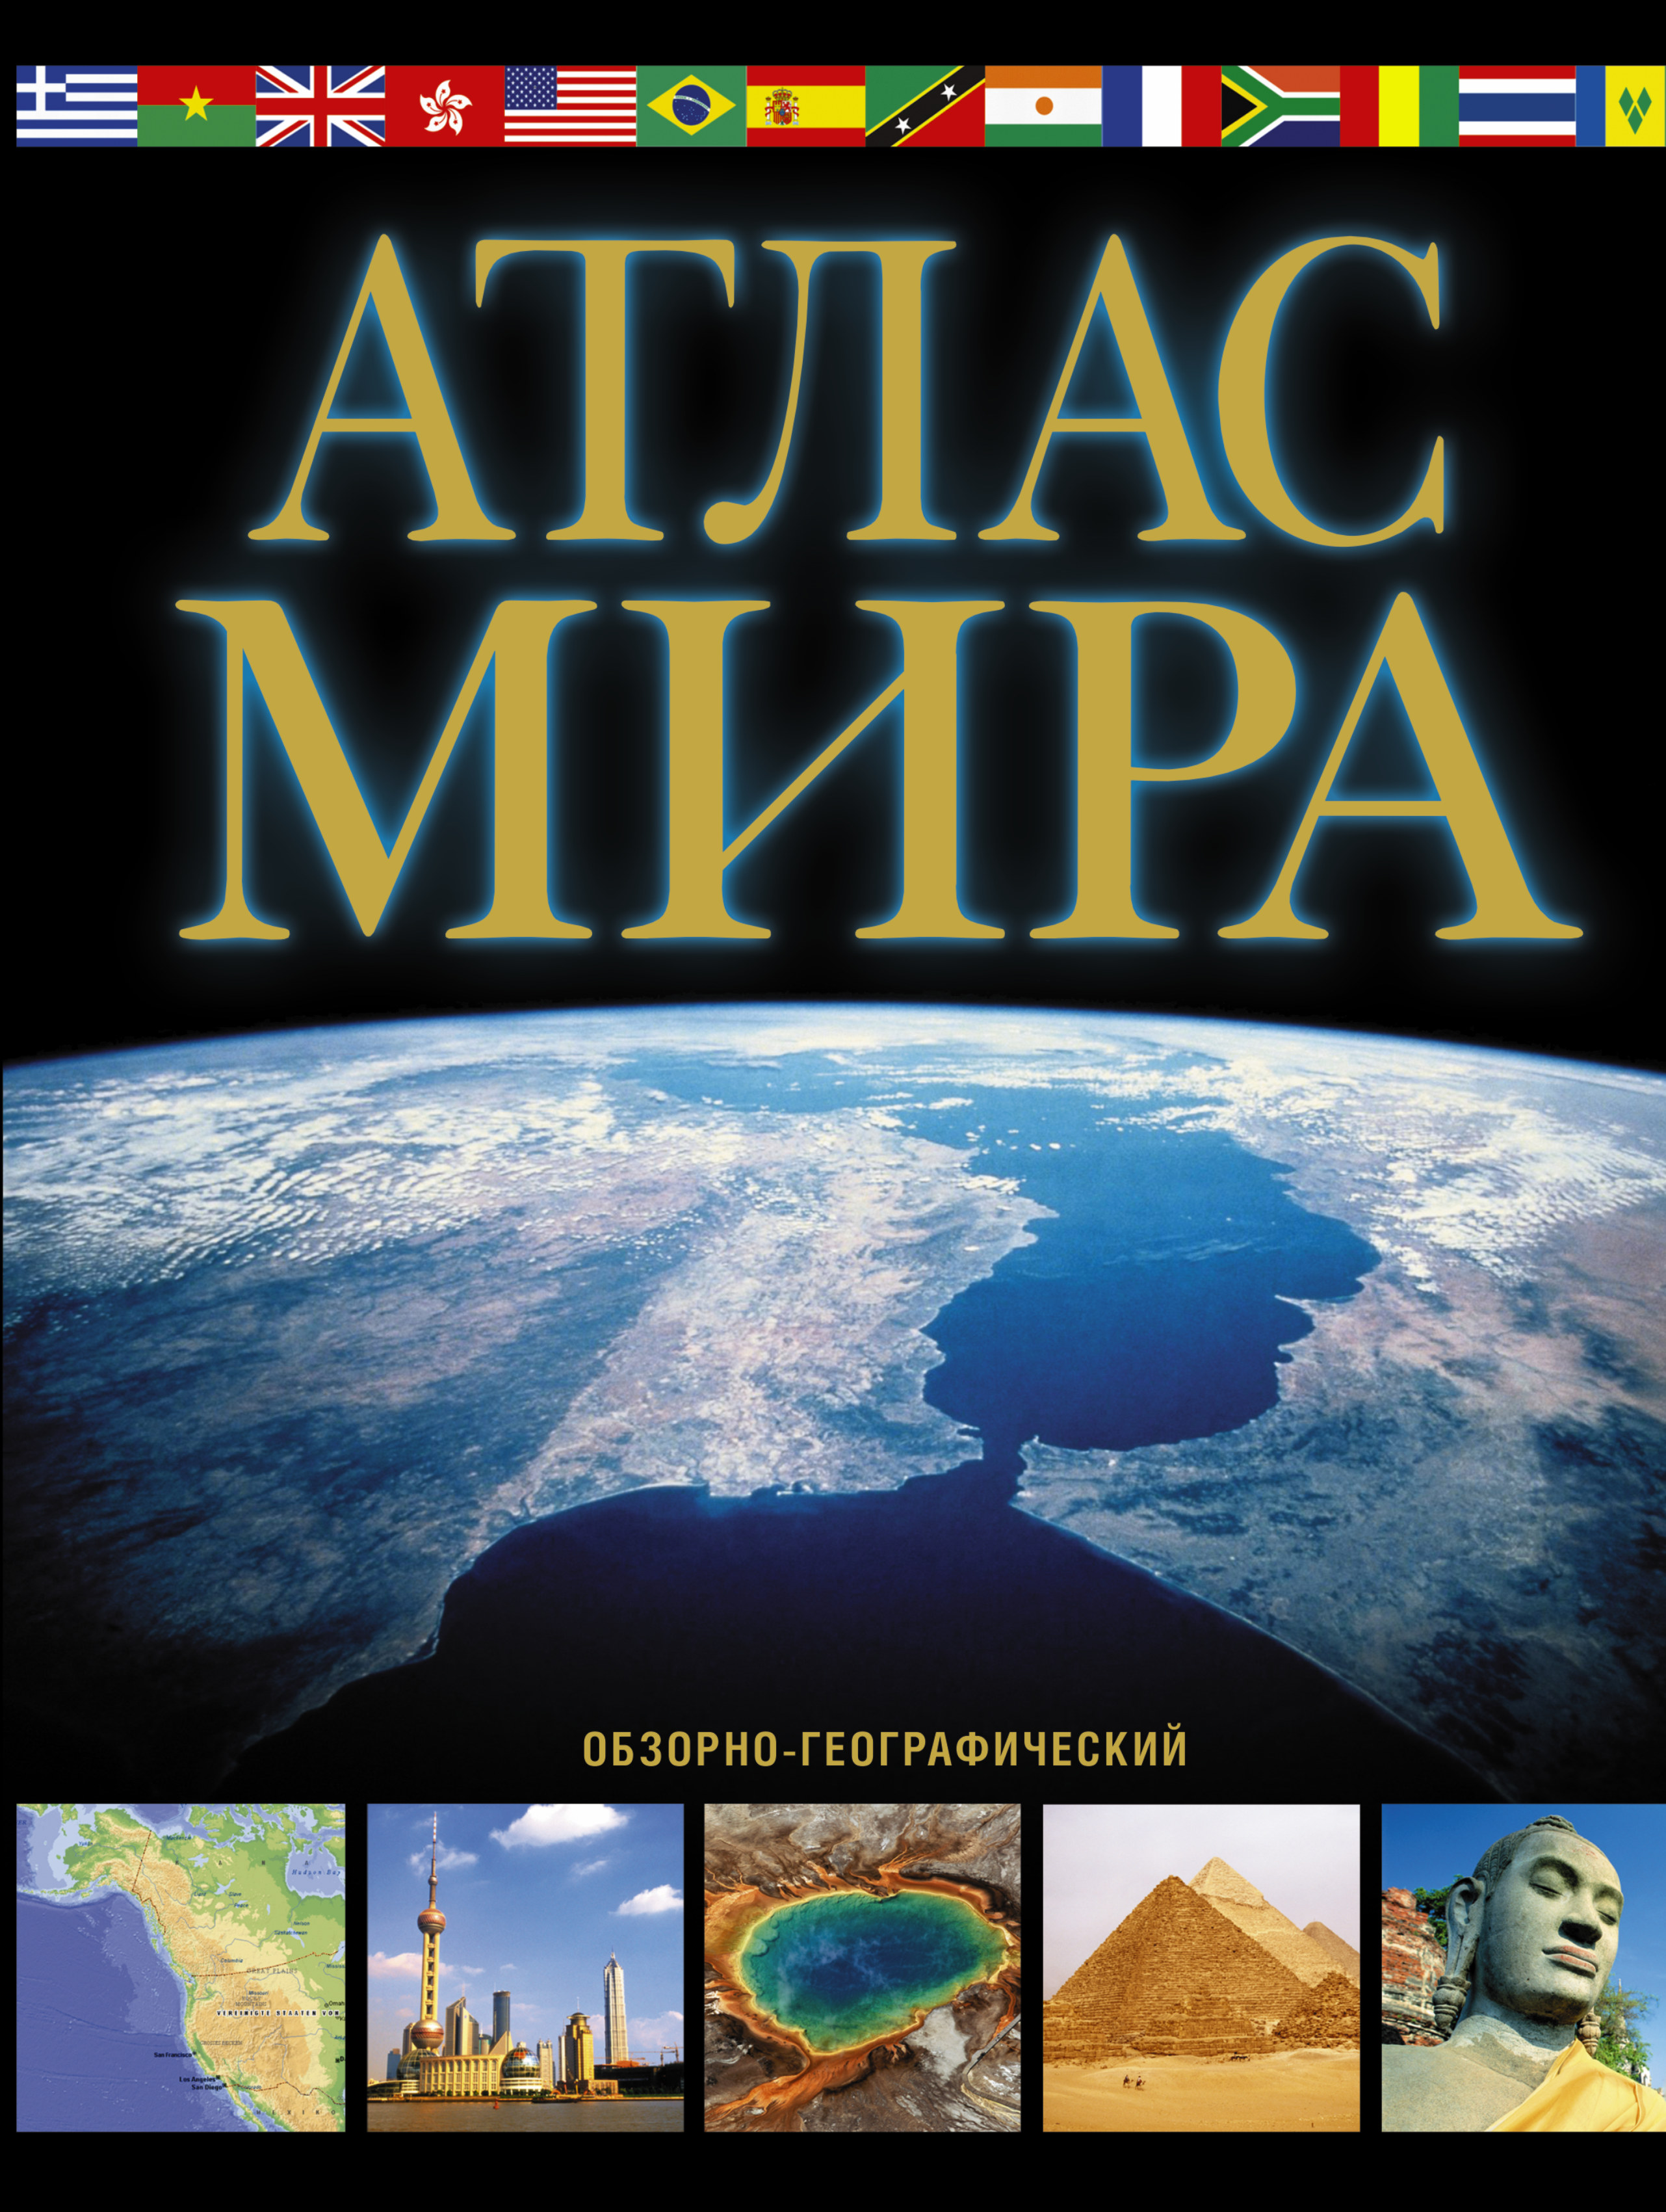 Атлас мира. Обзорно-географический (черн.) андрушкевич ю 100 удивительных стран мира